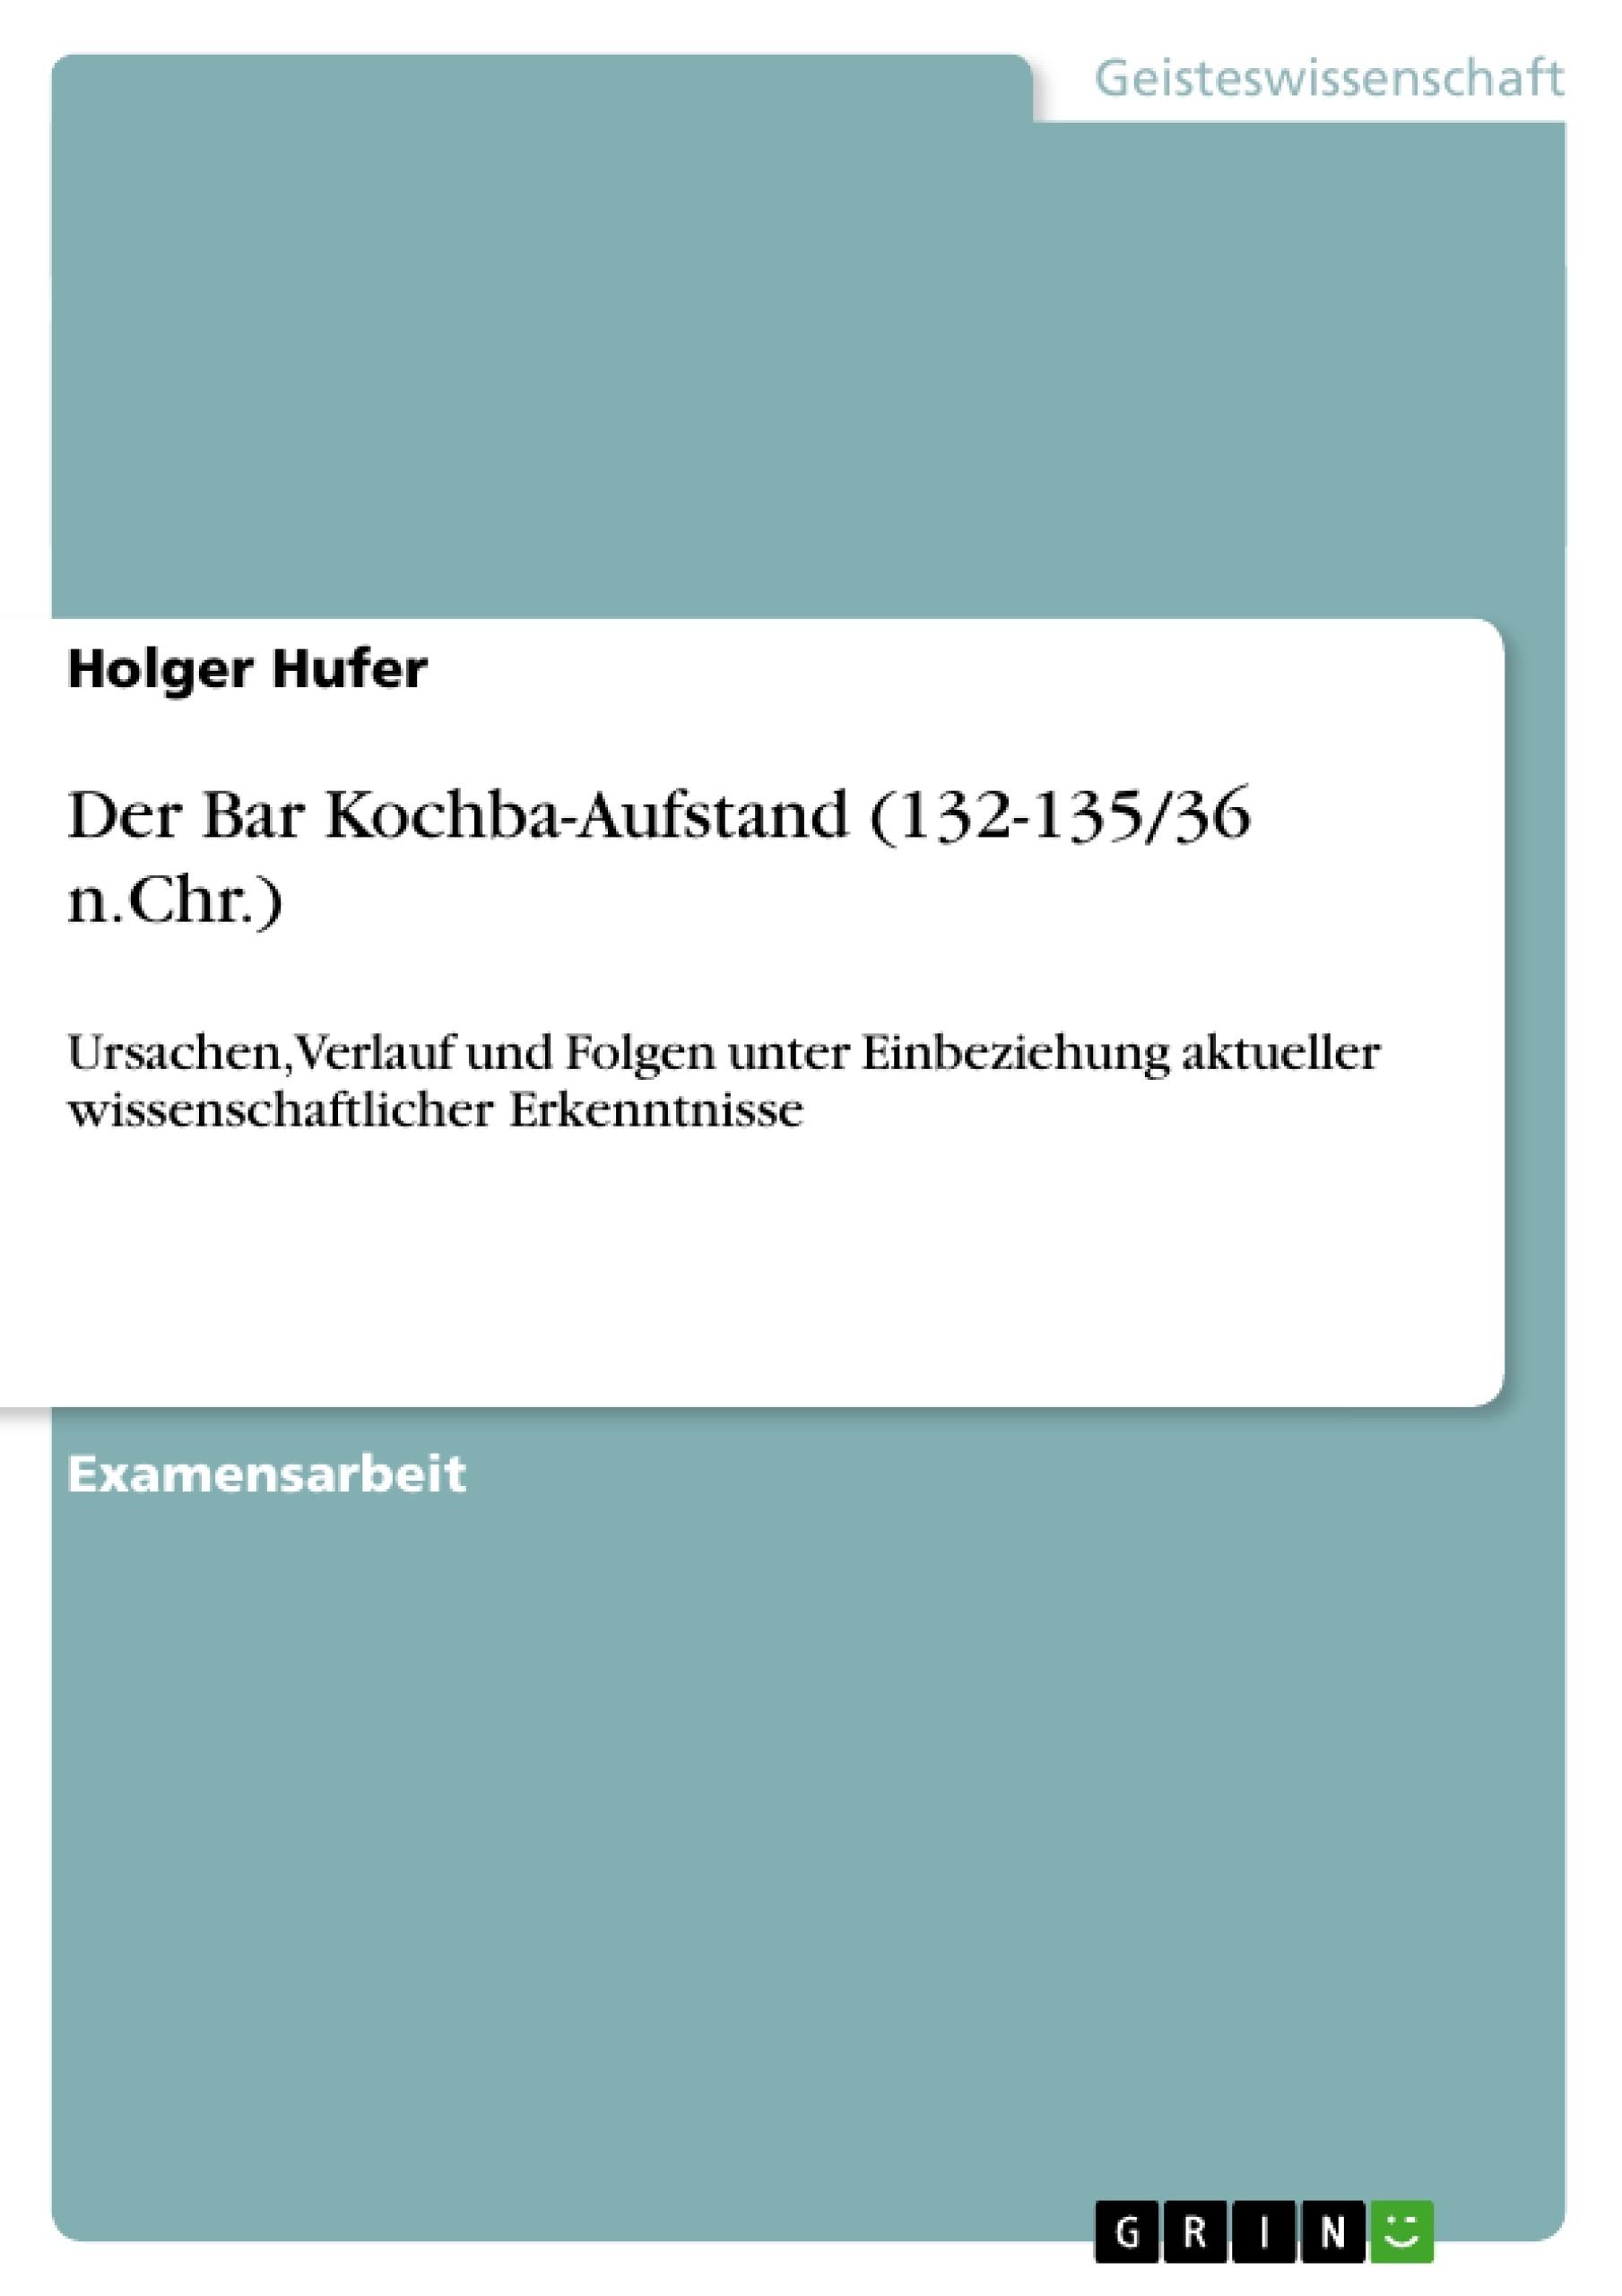 Der Bar Kochba-Aufstand (132-135/36 n.Chr.) | Masterarbeit ...